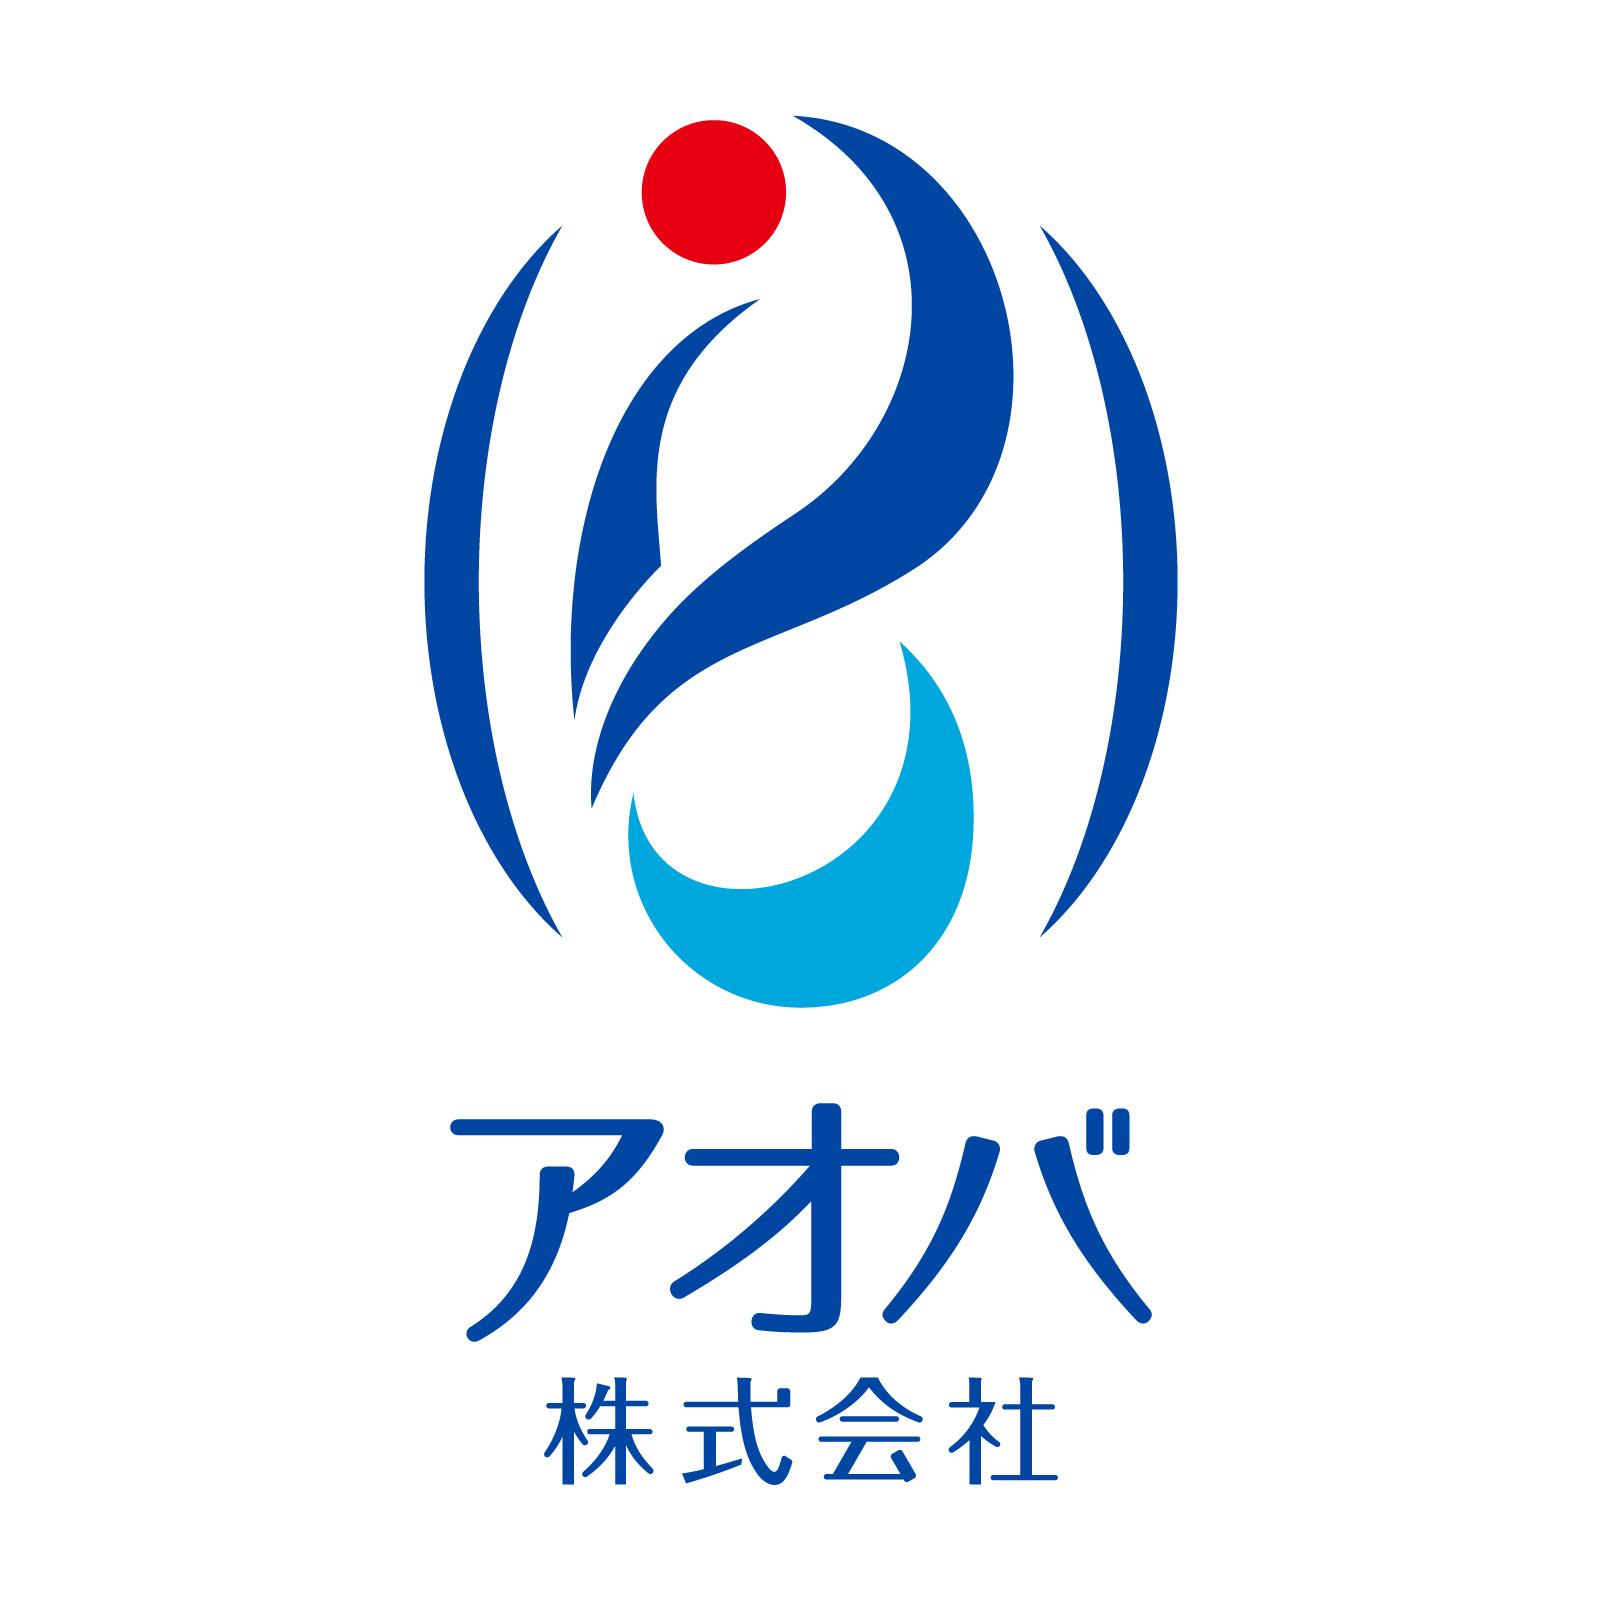 高松,水道,ロゴ,水,香川県,ロゴマーク制作